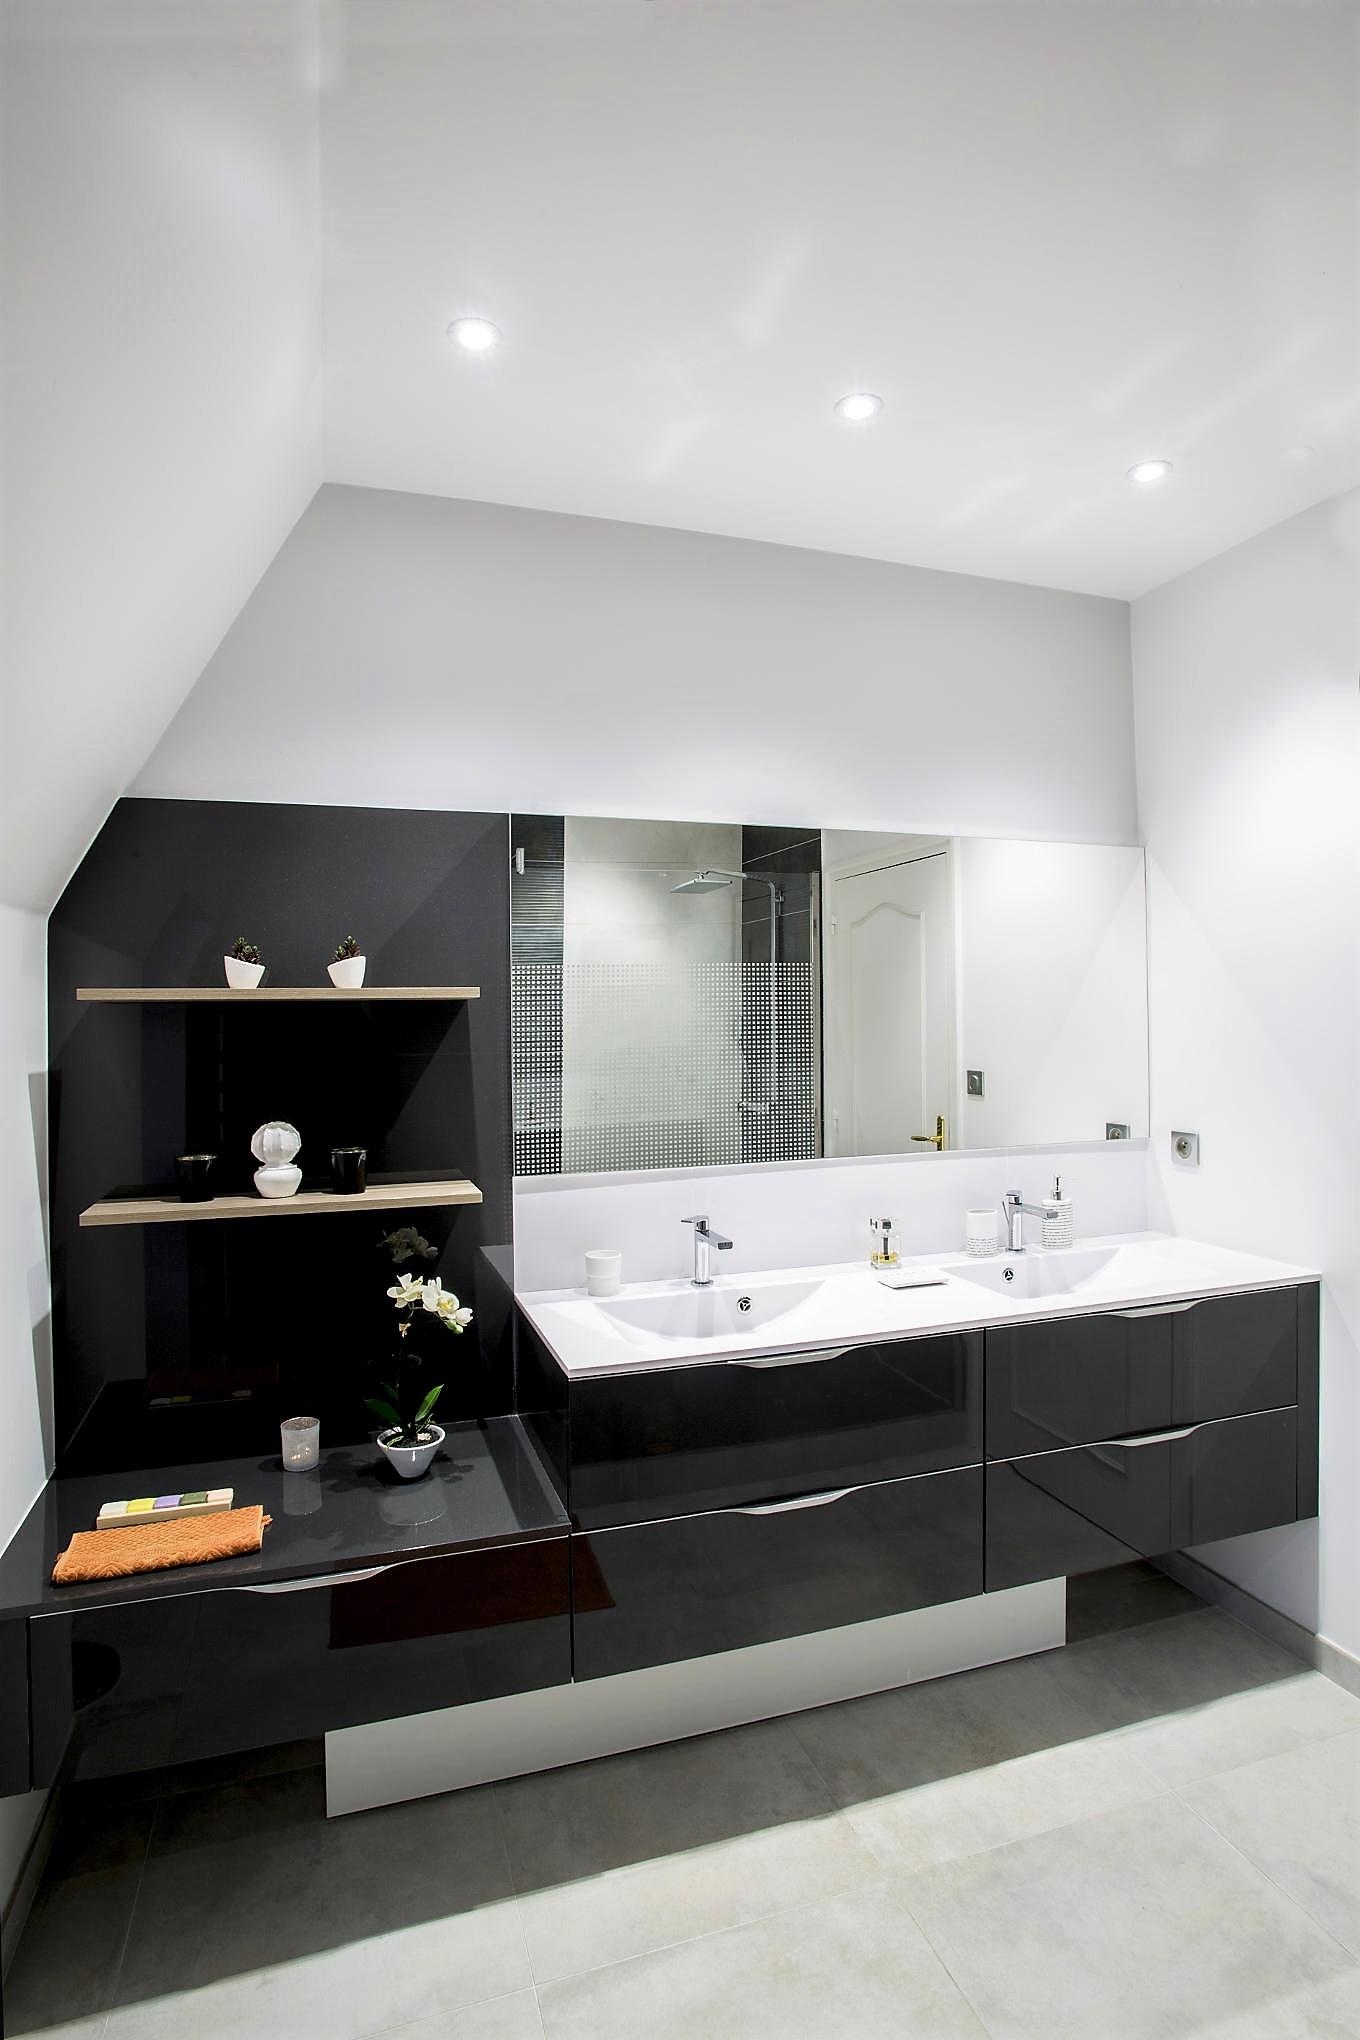 Salle de bains FUTURA MÉDIUM VERNIS BRILLANT GRIS GRAPHITE MÉTALLISÉ